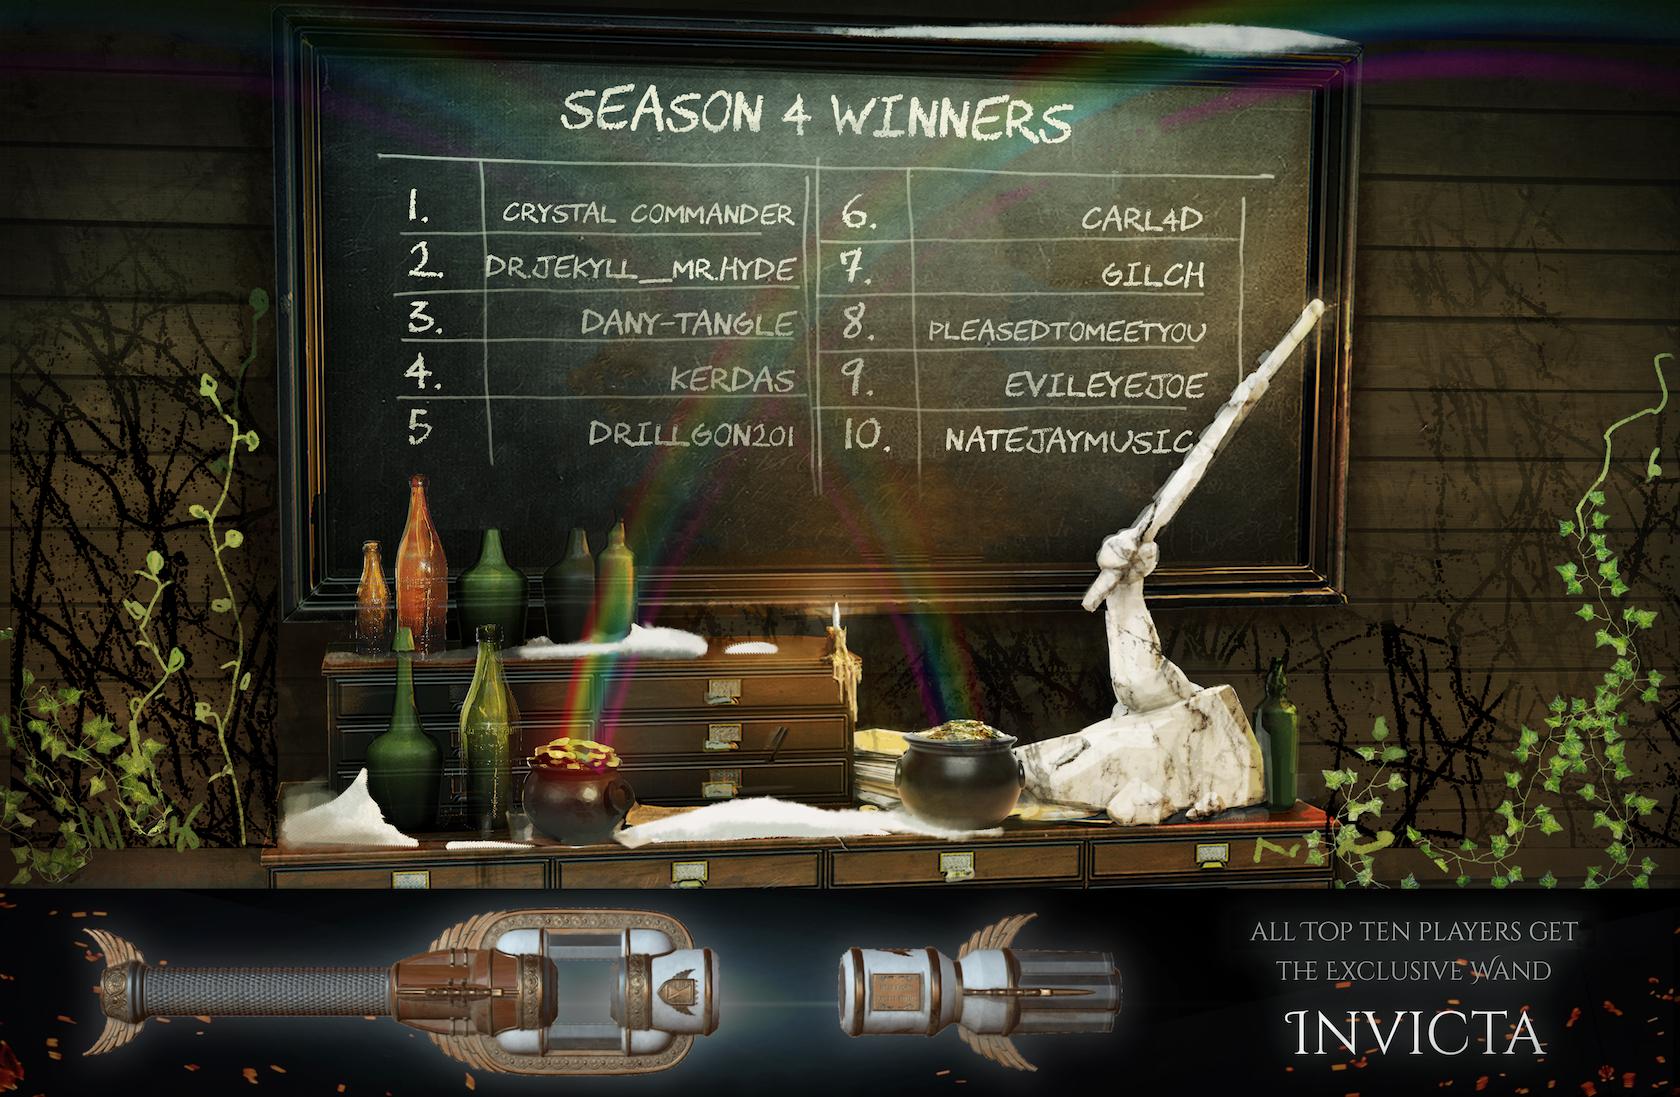 Season 4 Winners